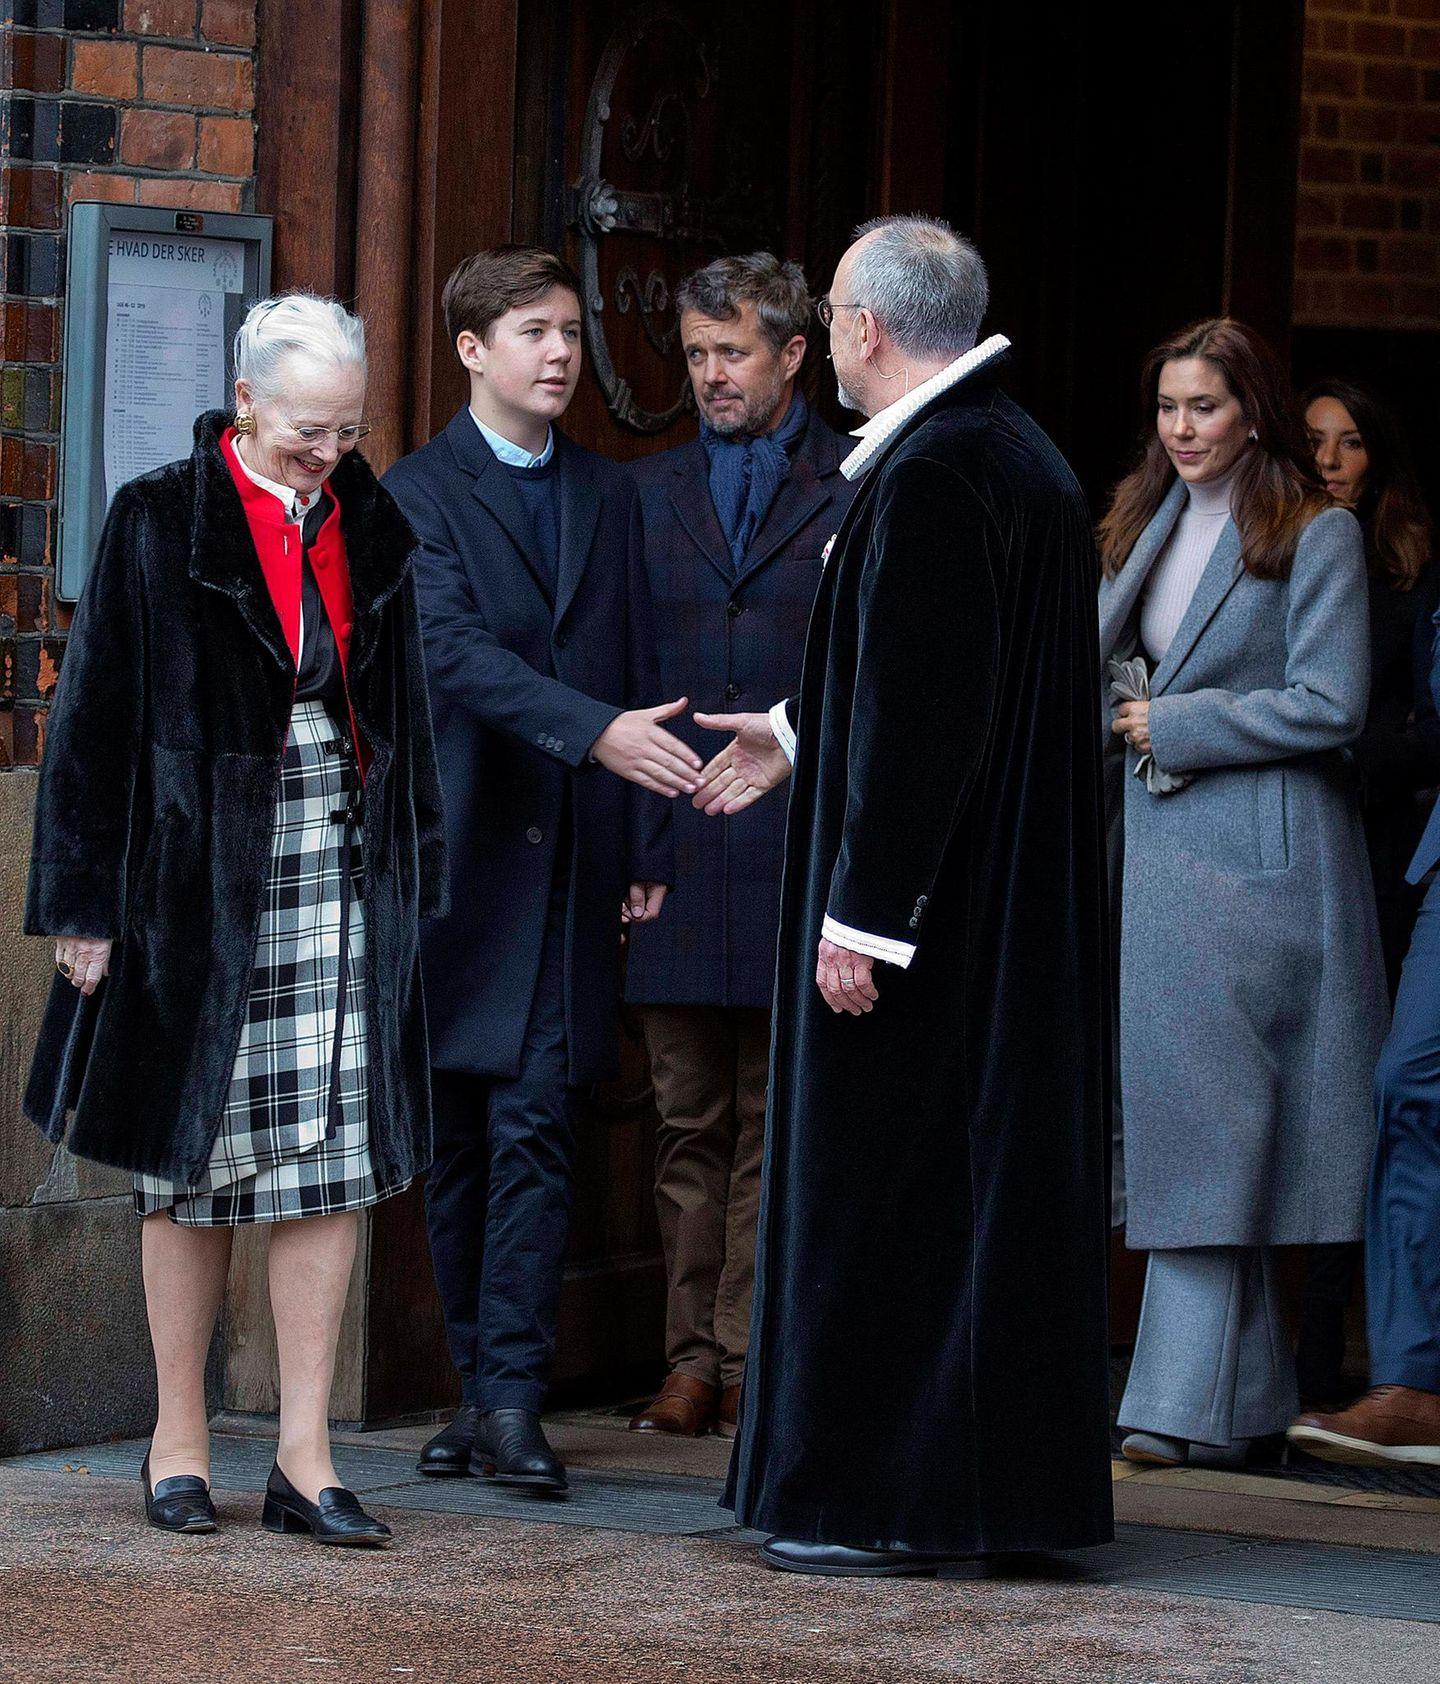 25. Dezember 2019  Am ersten Weihnachtsfeiertag besucht die dänische Königsfamilie gemeinsamden Gottesdienst in der Domkirche in Aarhus. Neben seiner Großmutter Königin Margrethe gibt Prinz Christian dem Pastor beim Verlassen die Hand, gefolgt von seinen Eltern Prinz Frederik und Prinzessin Mary.